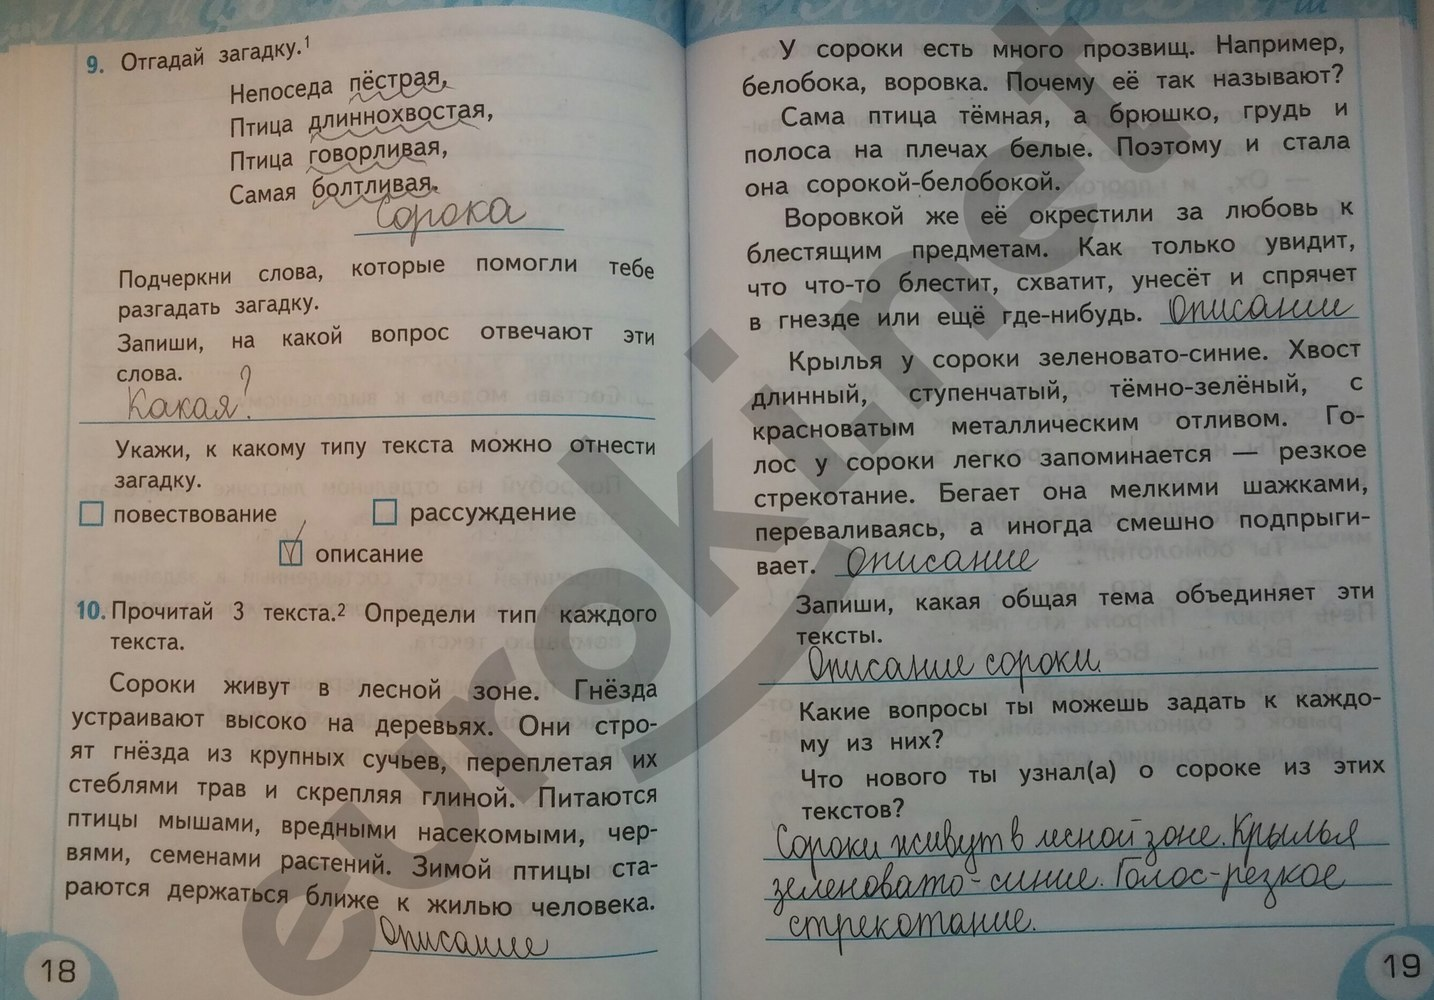 Тихомирова тетрадь гдз 4 2 рабочая русскому часть класса языку по